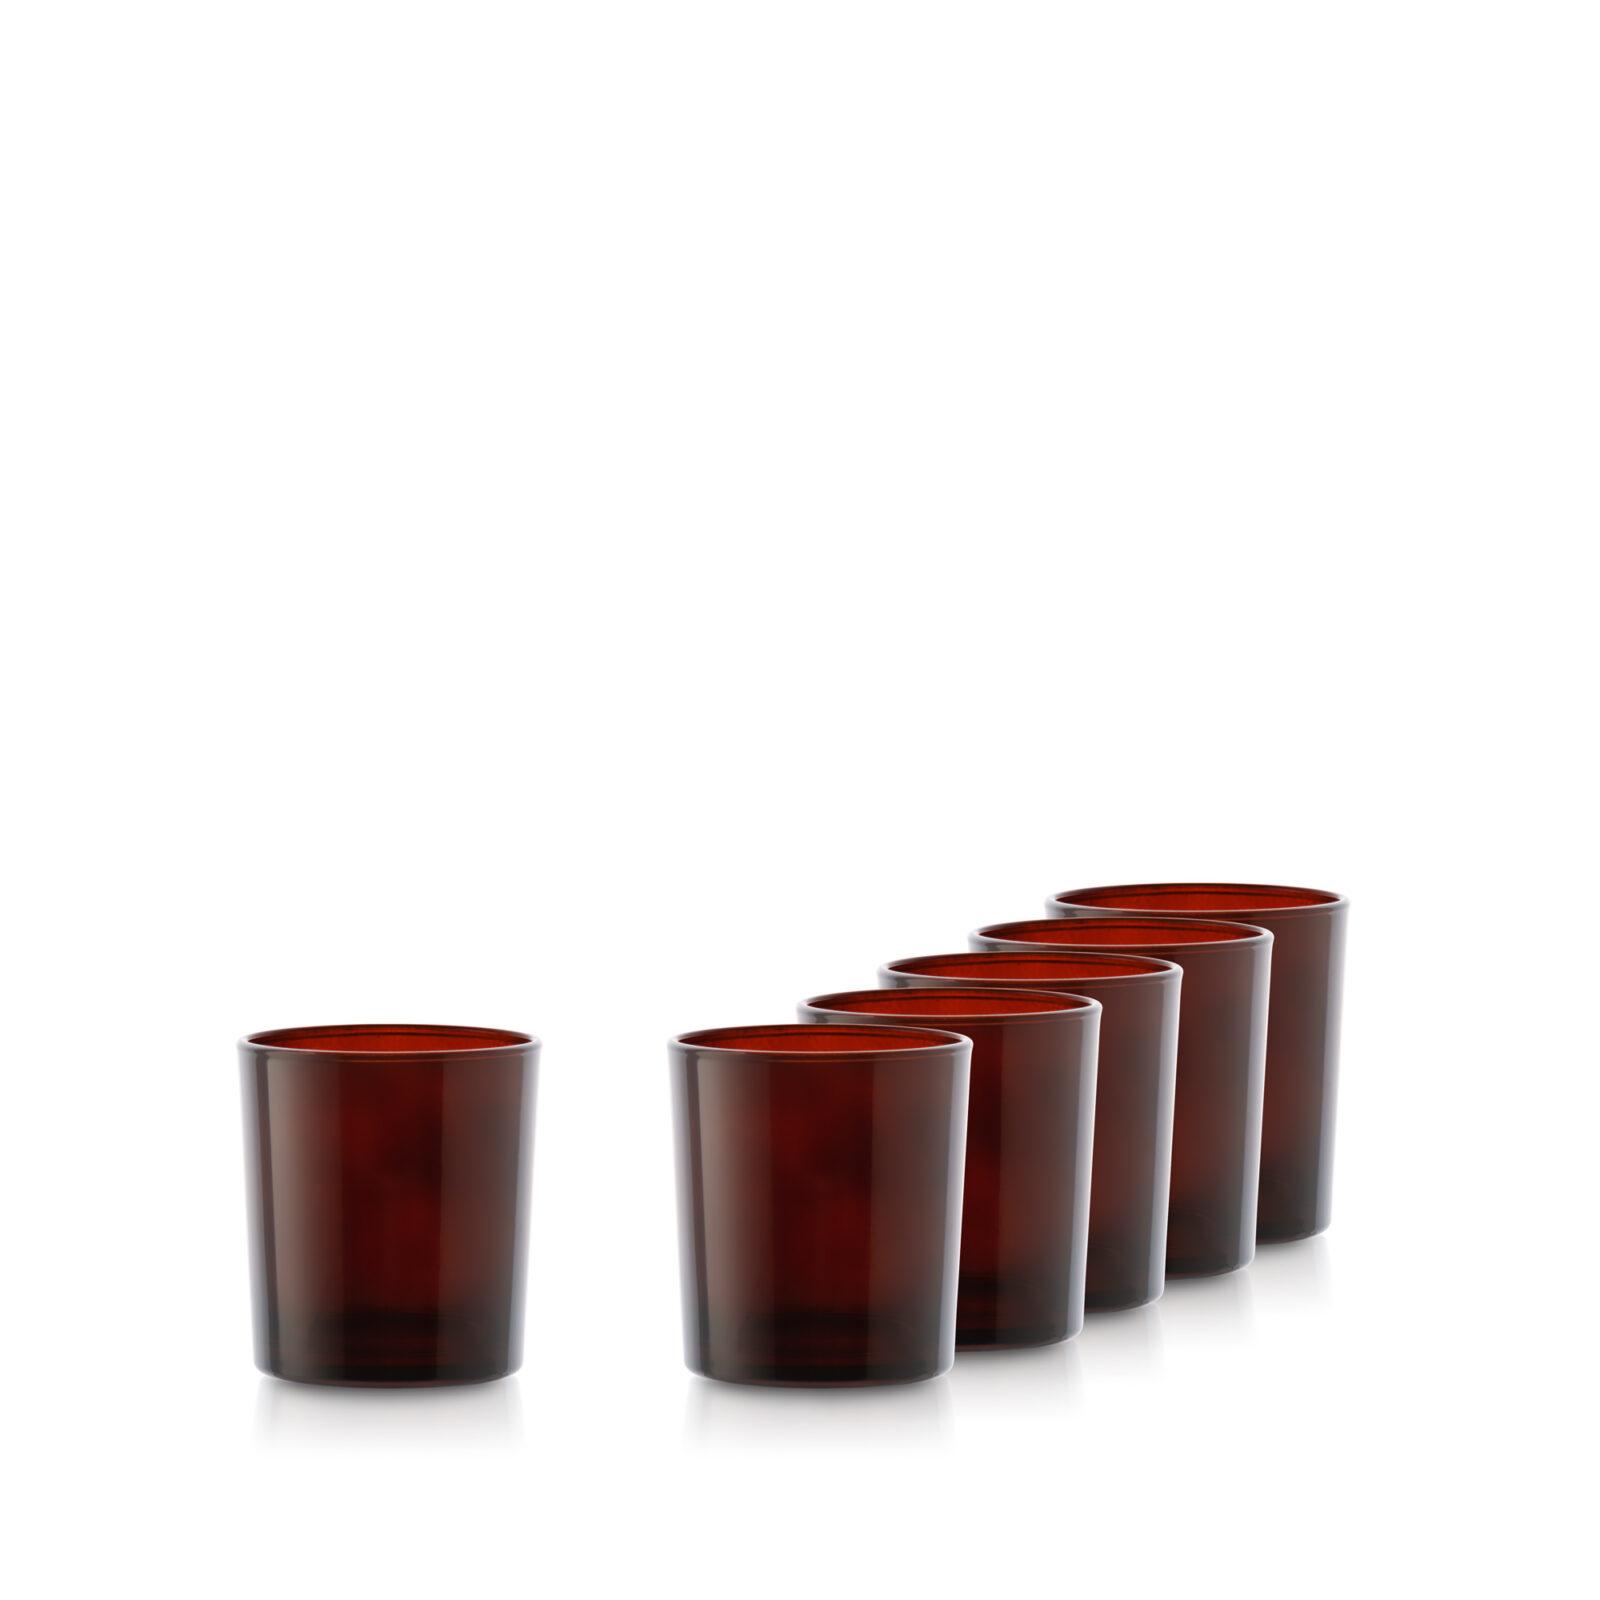 Pojemnik szklany szklanka do zalewu świec 70056-kpl6 bursztyn